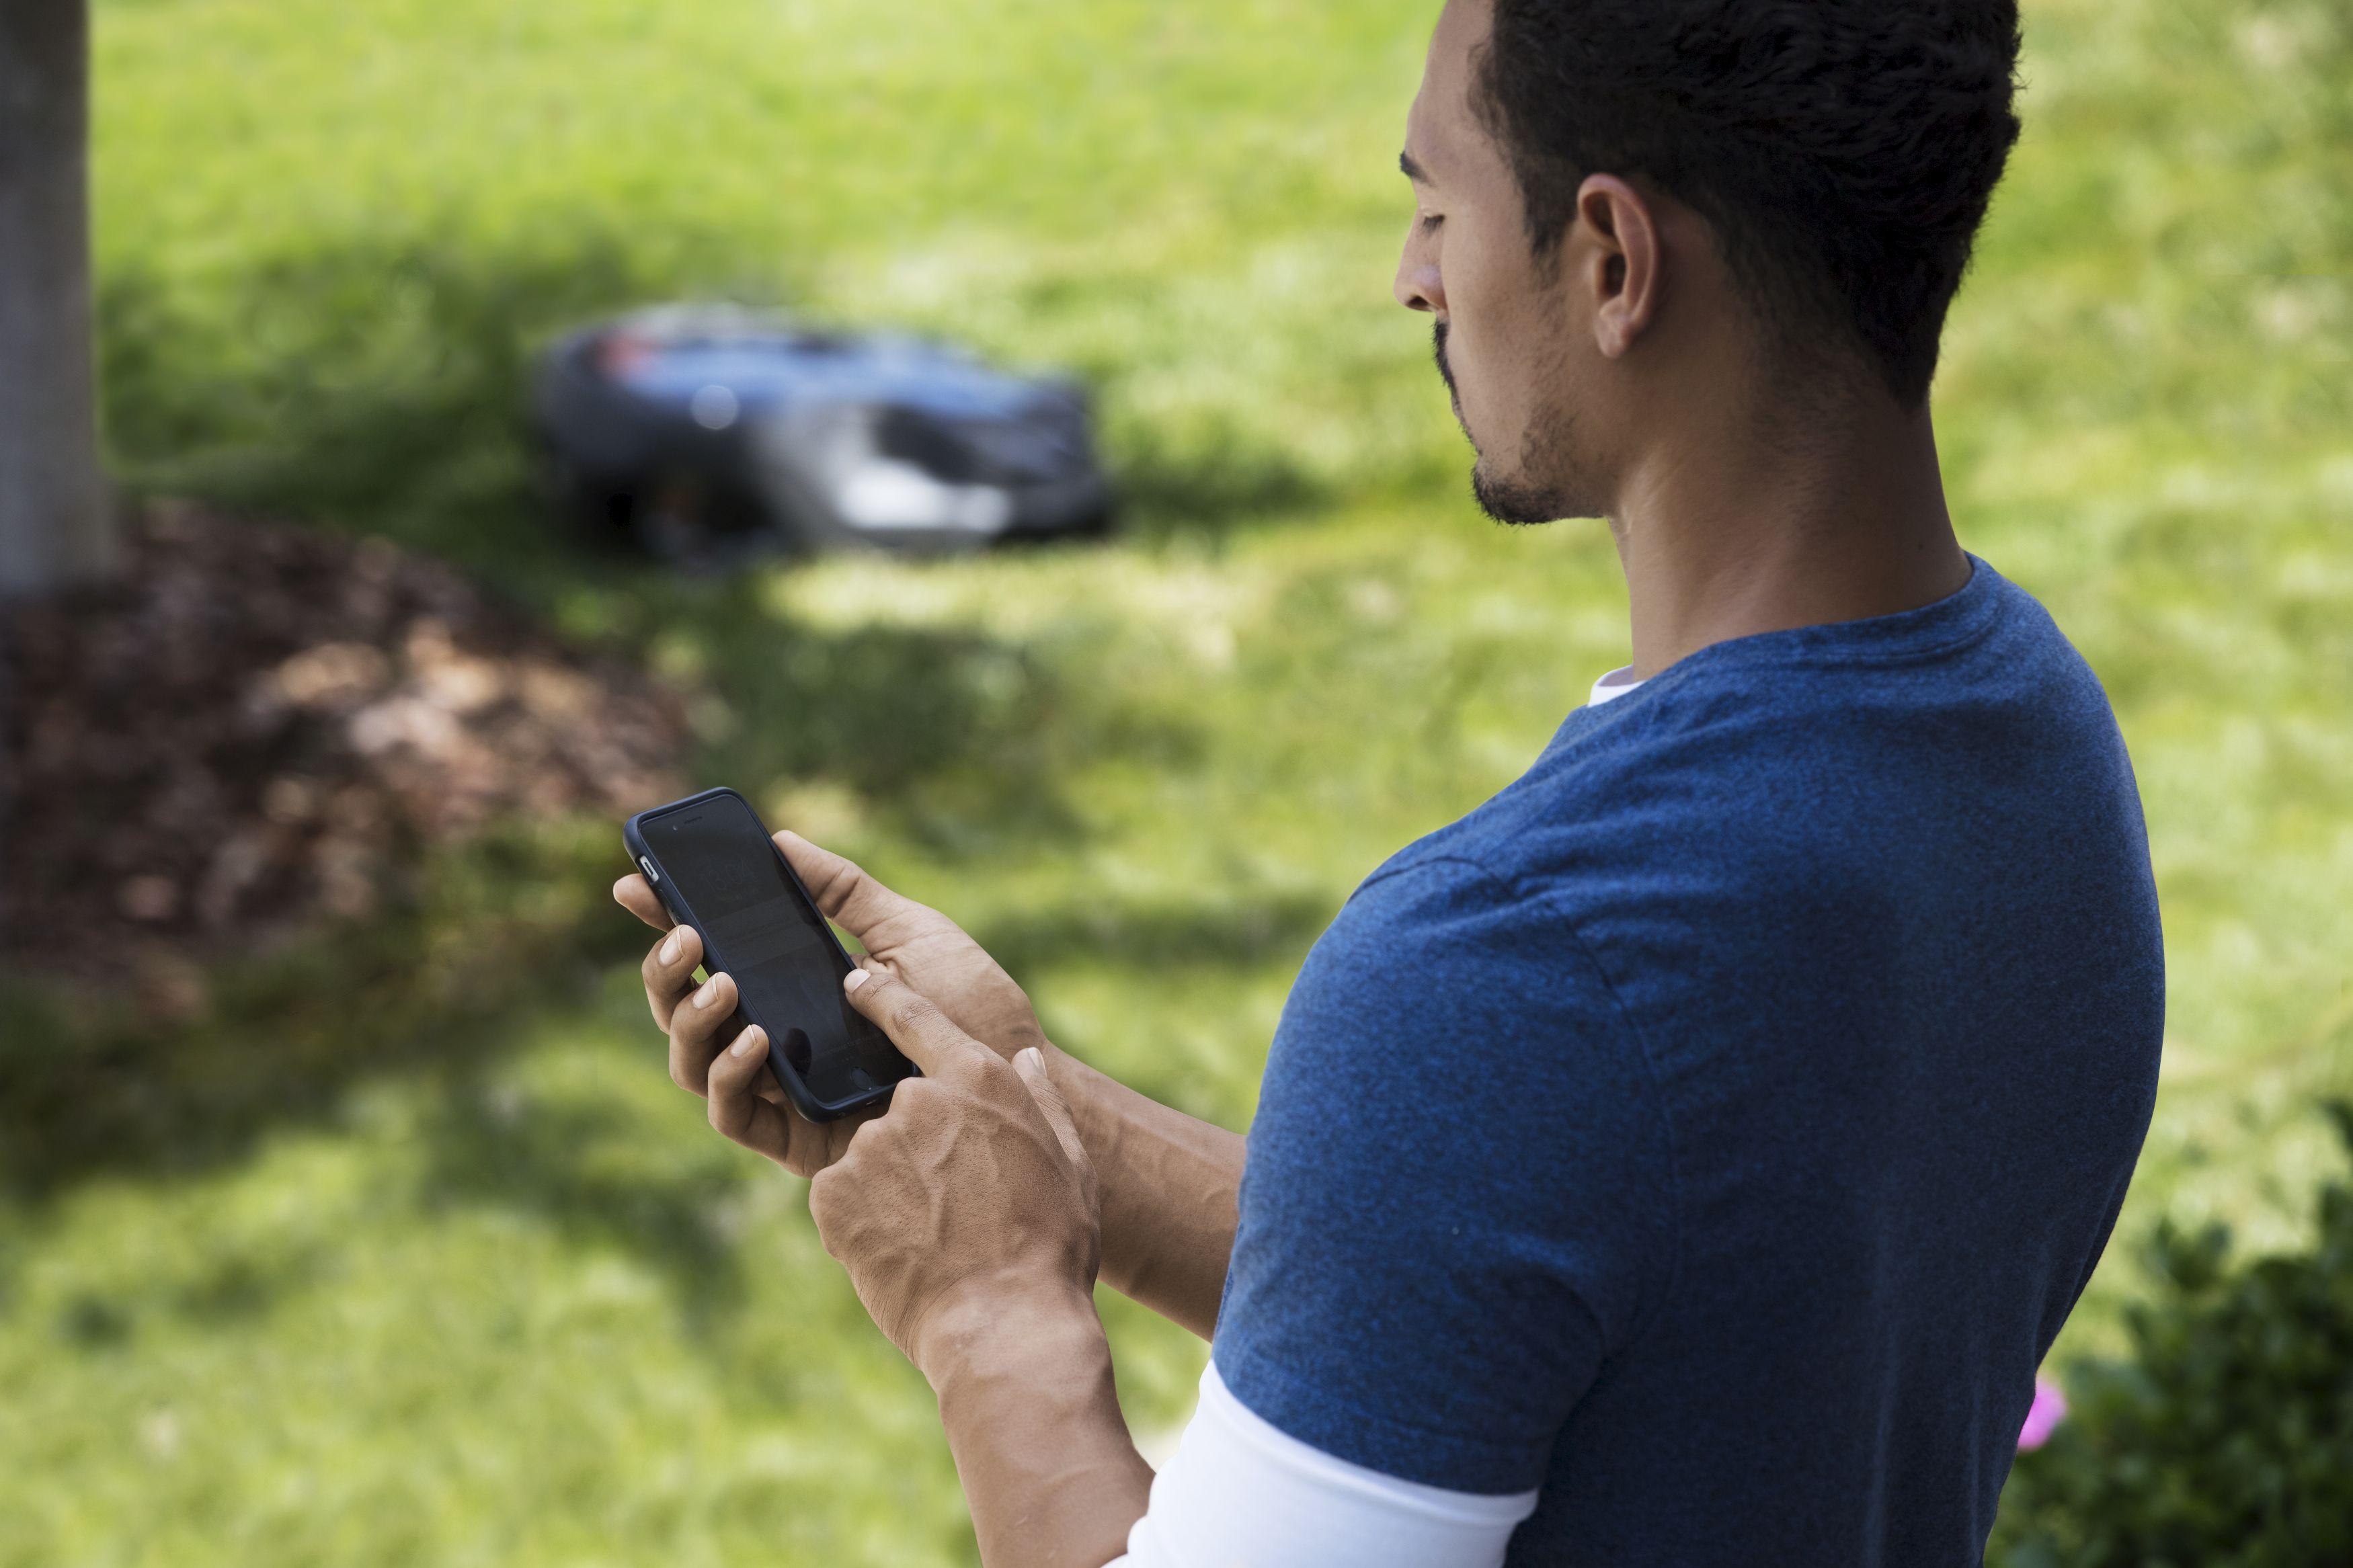 Melns Husqvarna zāles pļāvējs robots – Automower 315Xmodelis, darbības demonstrējums vadībai ar viedtālruni, ko veic vīrietis zilā formā